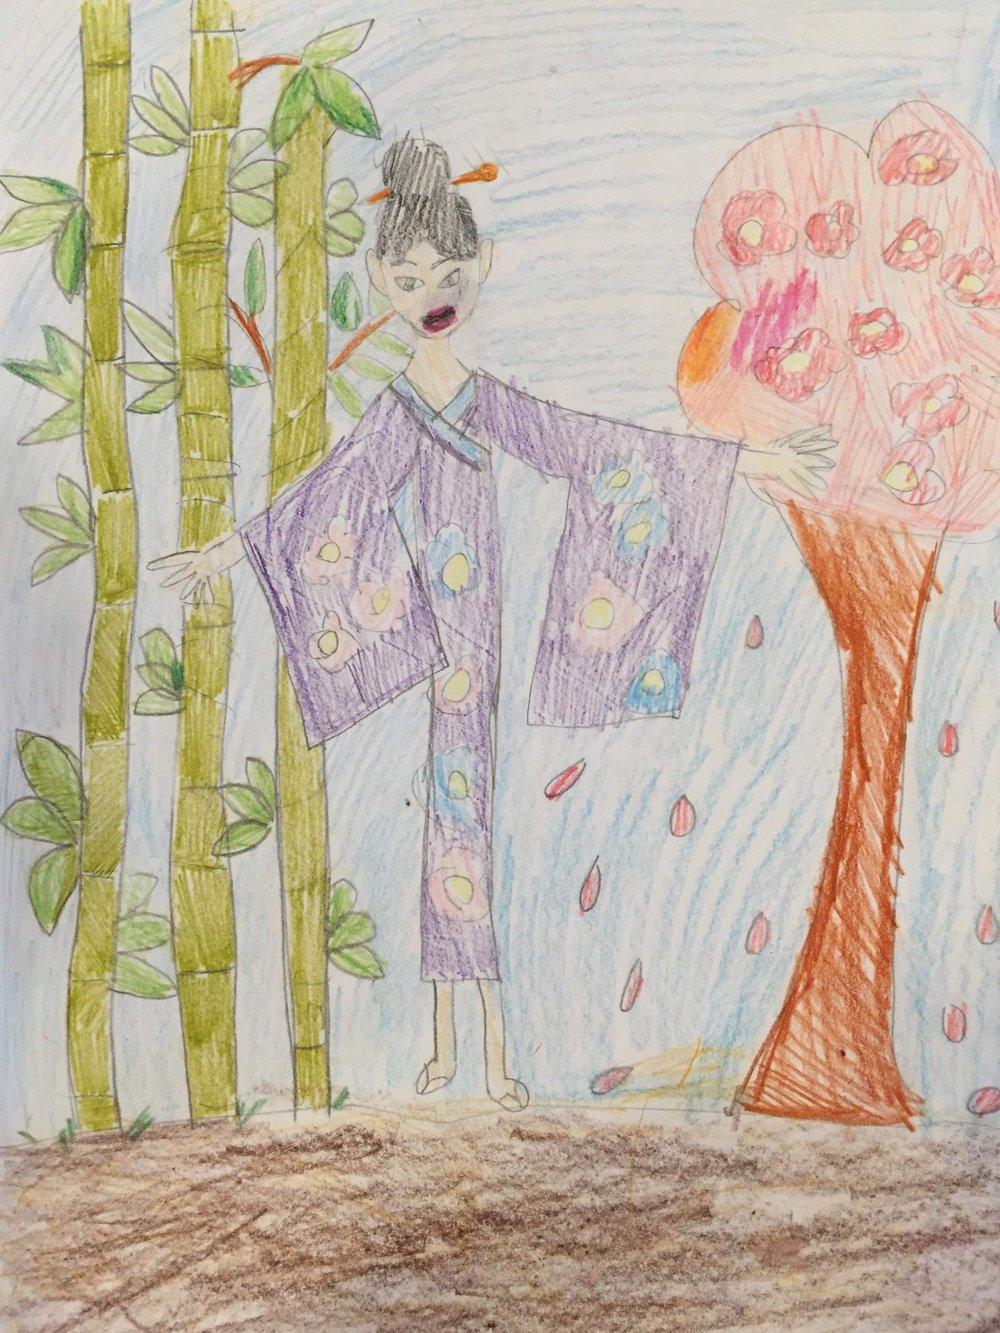 Japan by Yuna, age 9